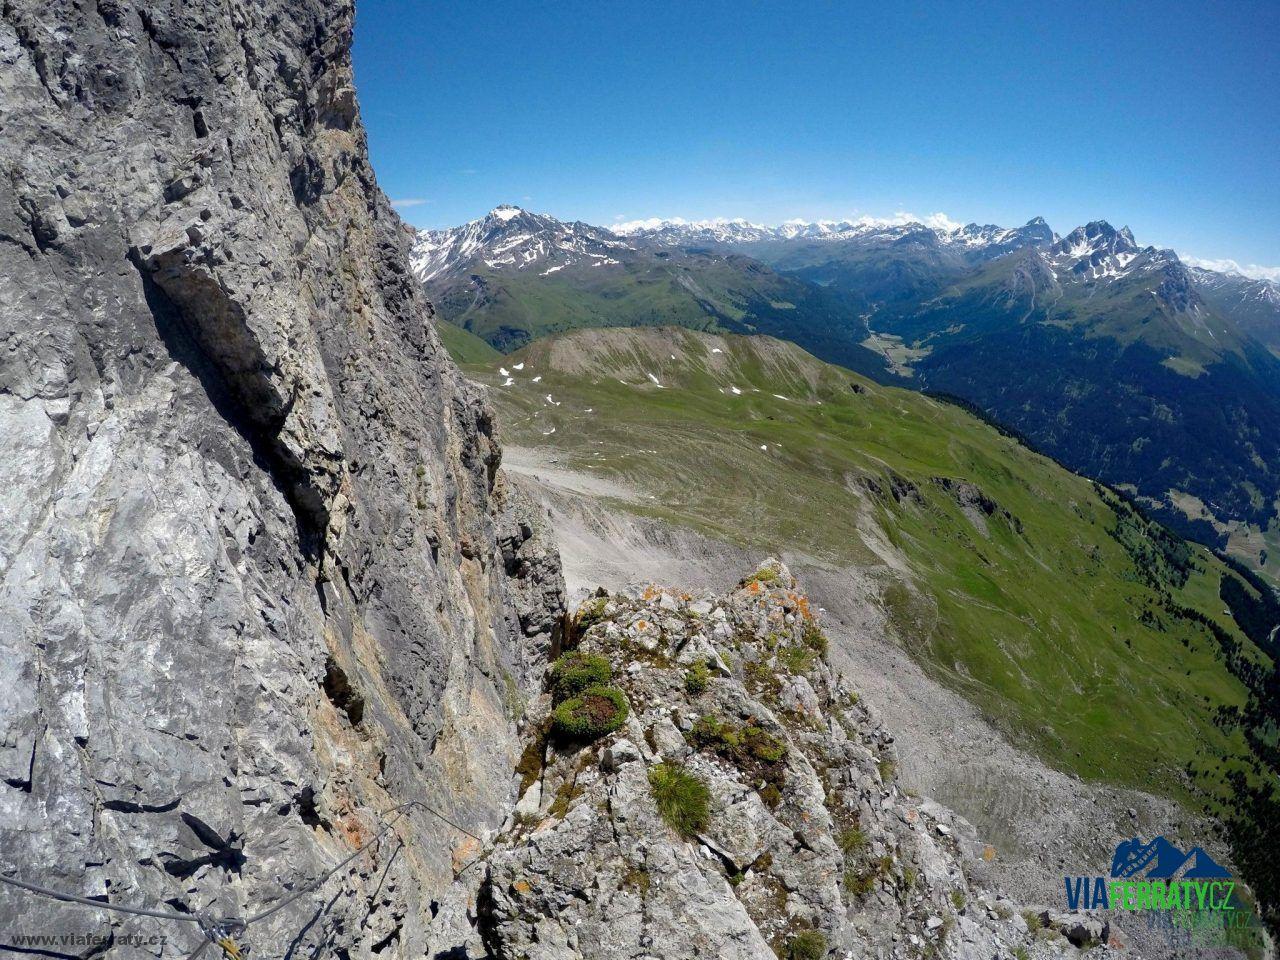 Klettersteig Piz Mitgel : Senda ferrada piz mitgel klettersteig viaferraty.cz